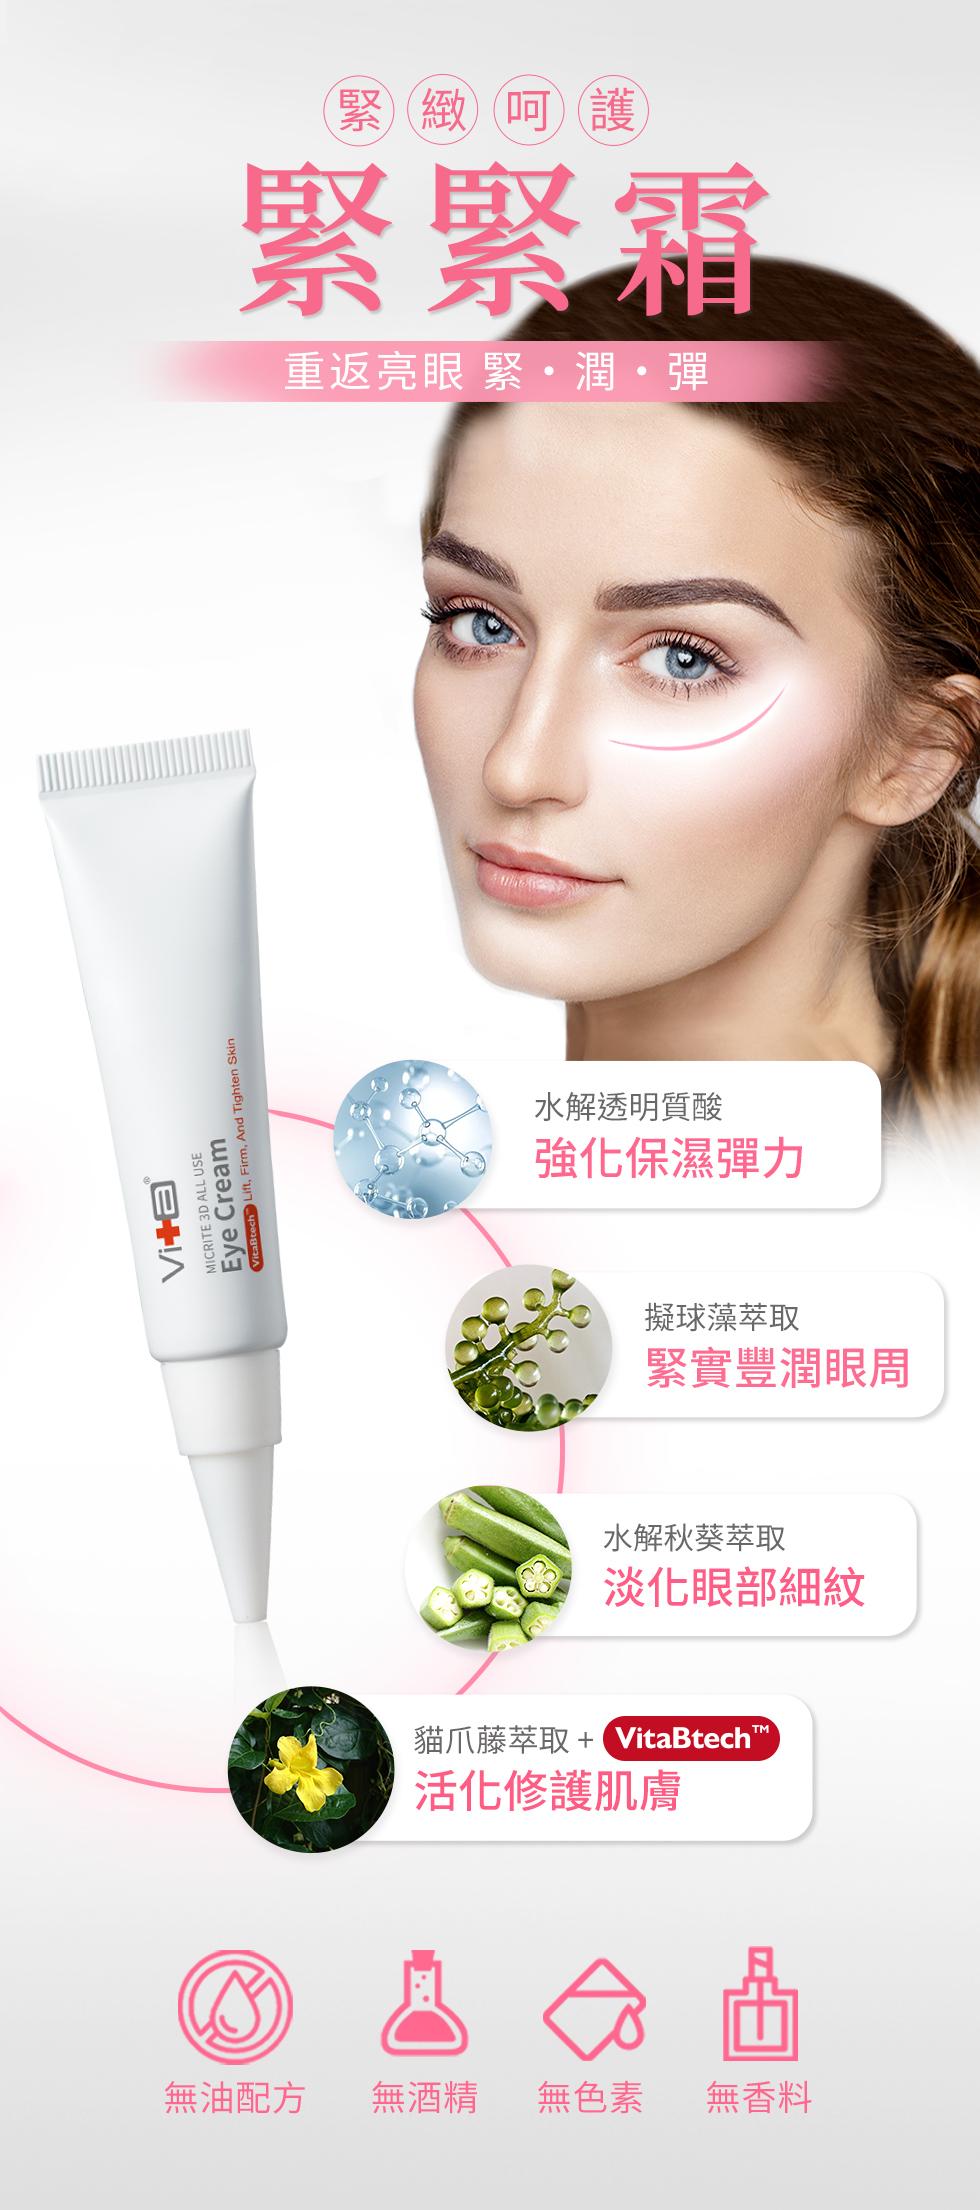 薇佳全能眼霜:強化眼周保濕力、緊實豐潤眼周、淡化細紋、活化修復肌膚